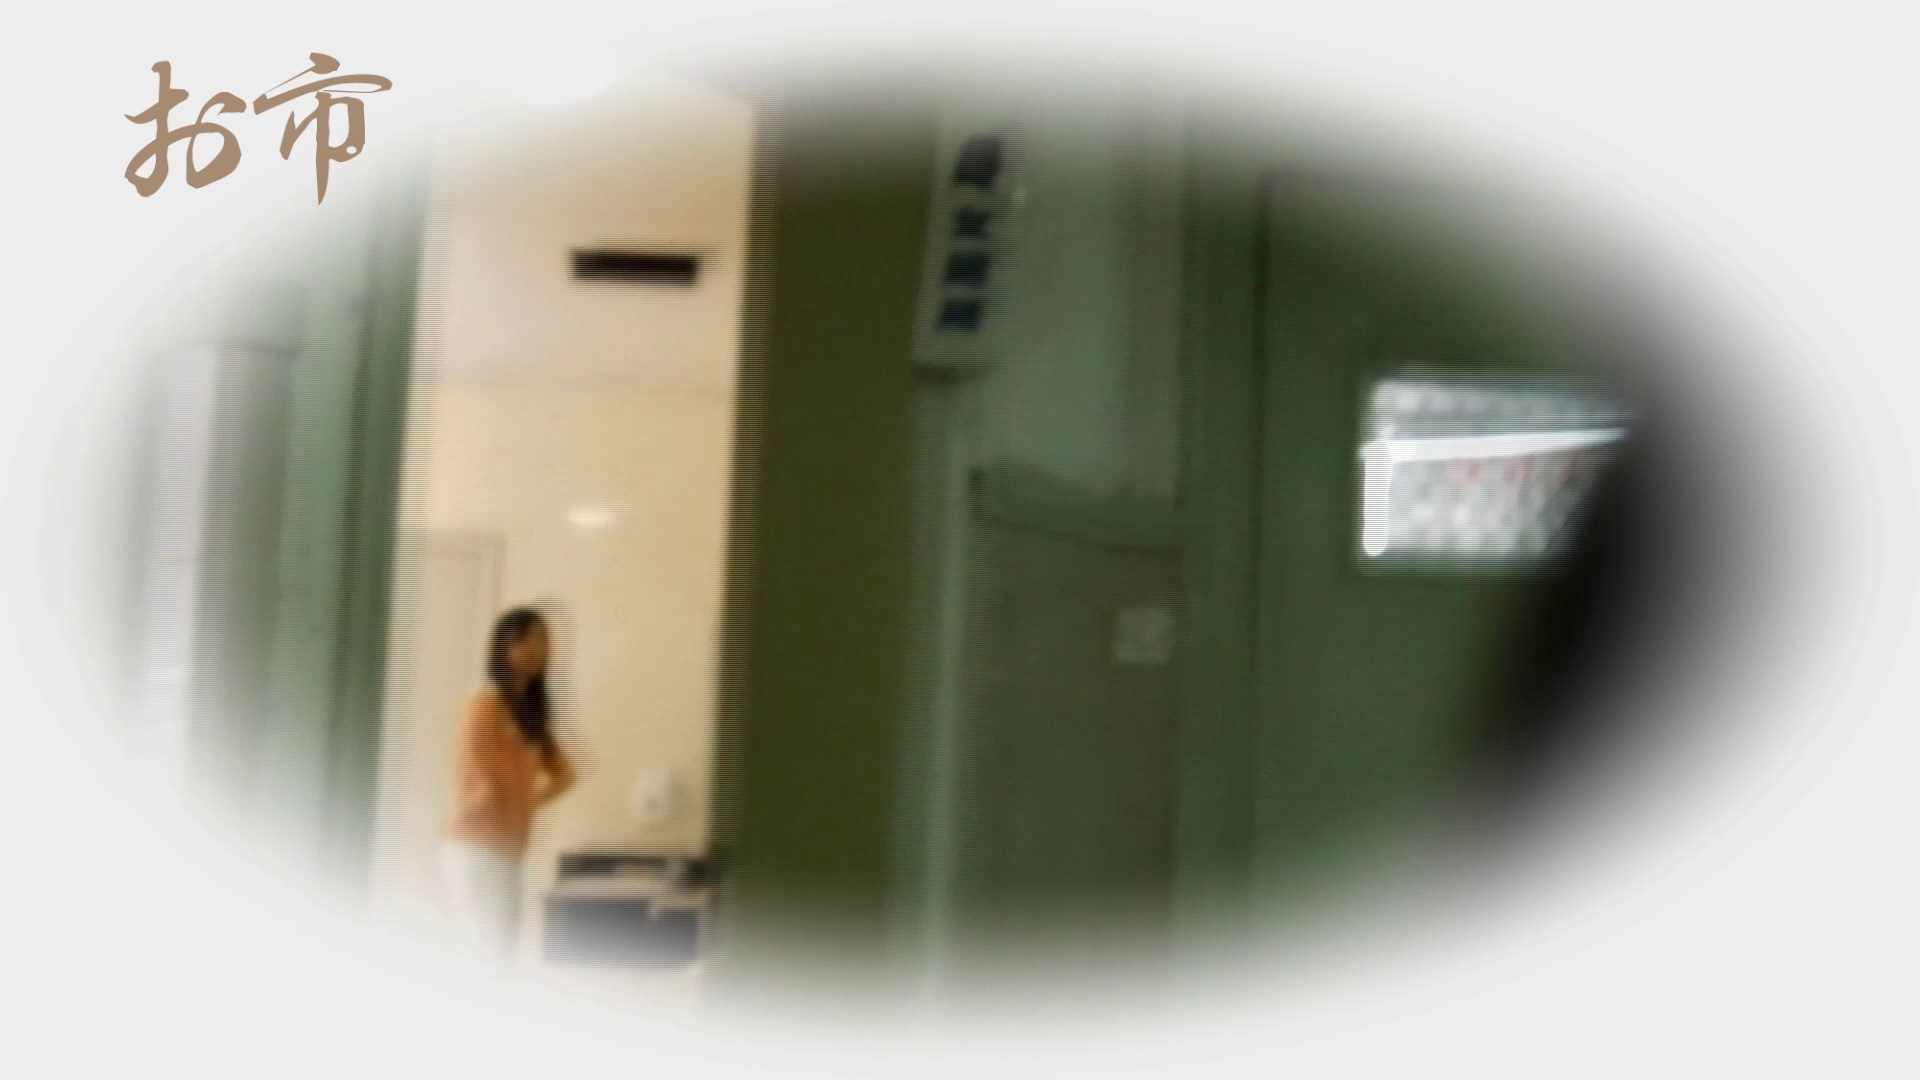 潜入!!台湾名門女学院 Vol.12 長身モデル驚き見たことないシチュエーション 盗撮  105PIX 1